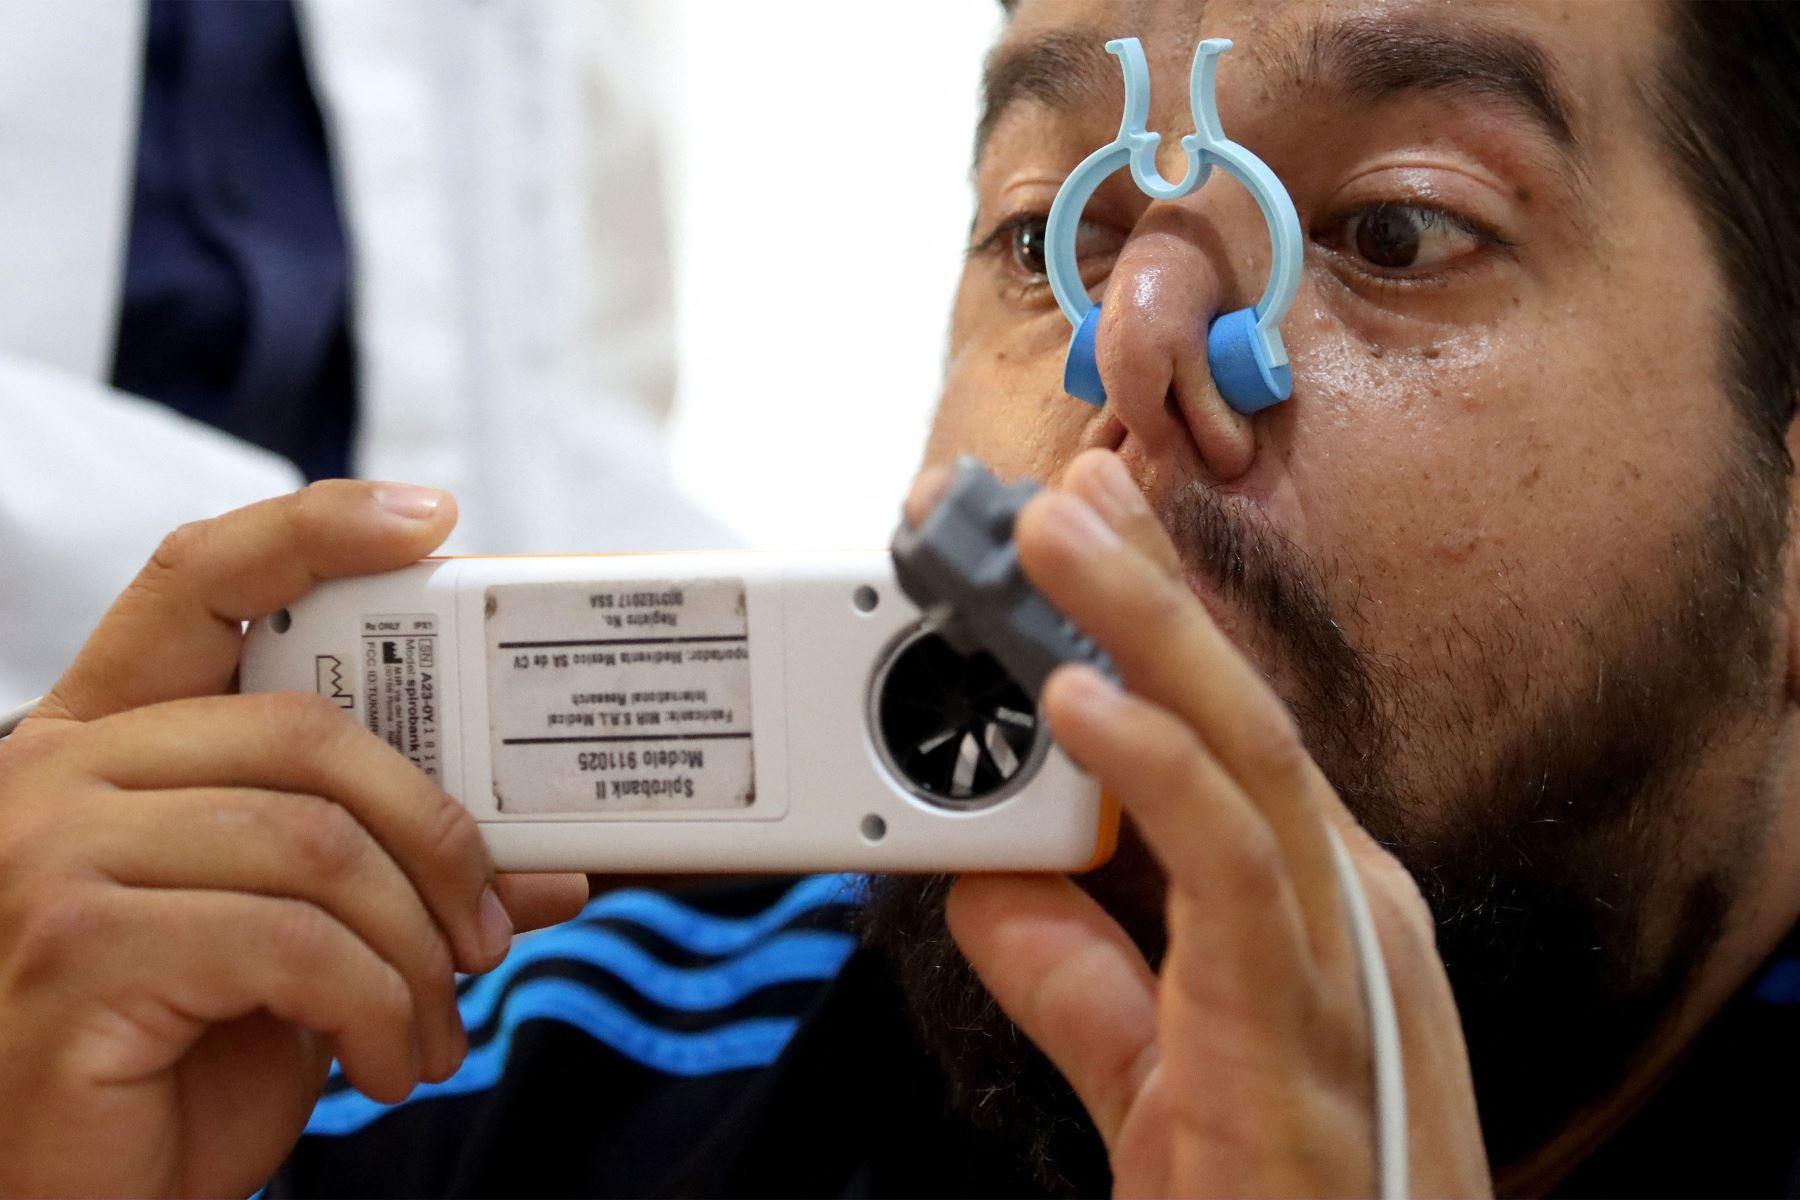 """Un hombre recibe una rehabilitación post covid-19 mediante una espirometría que mide la cantidad de aire retenido en los pulmones y la velocidad del flujo de aire durante el proceso respiratorio en la asociación """"Juntos contra el dolor"""" en Guadalajara, México. Foto: AFP"""